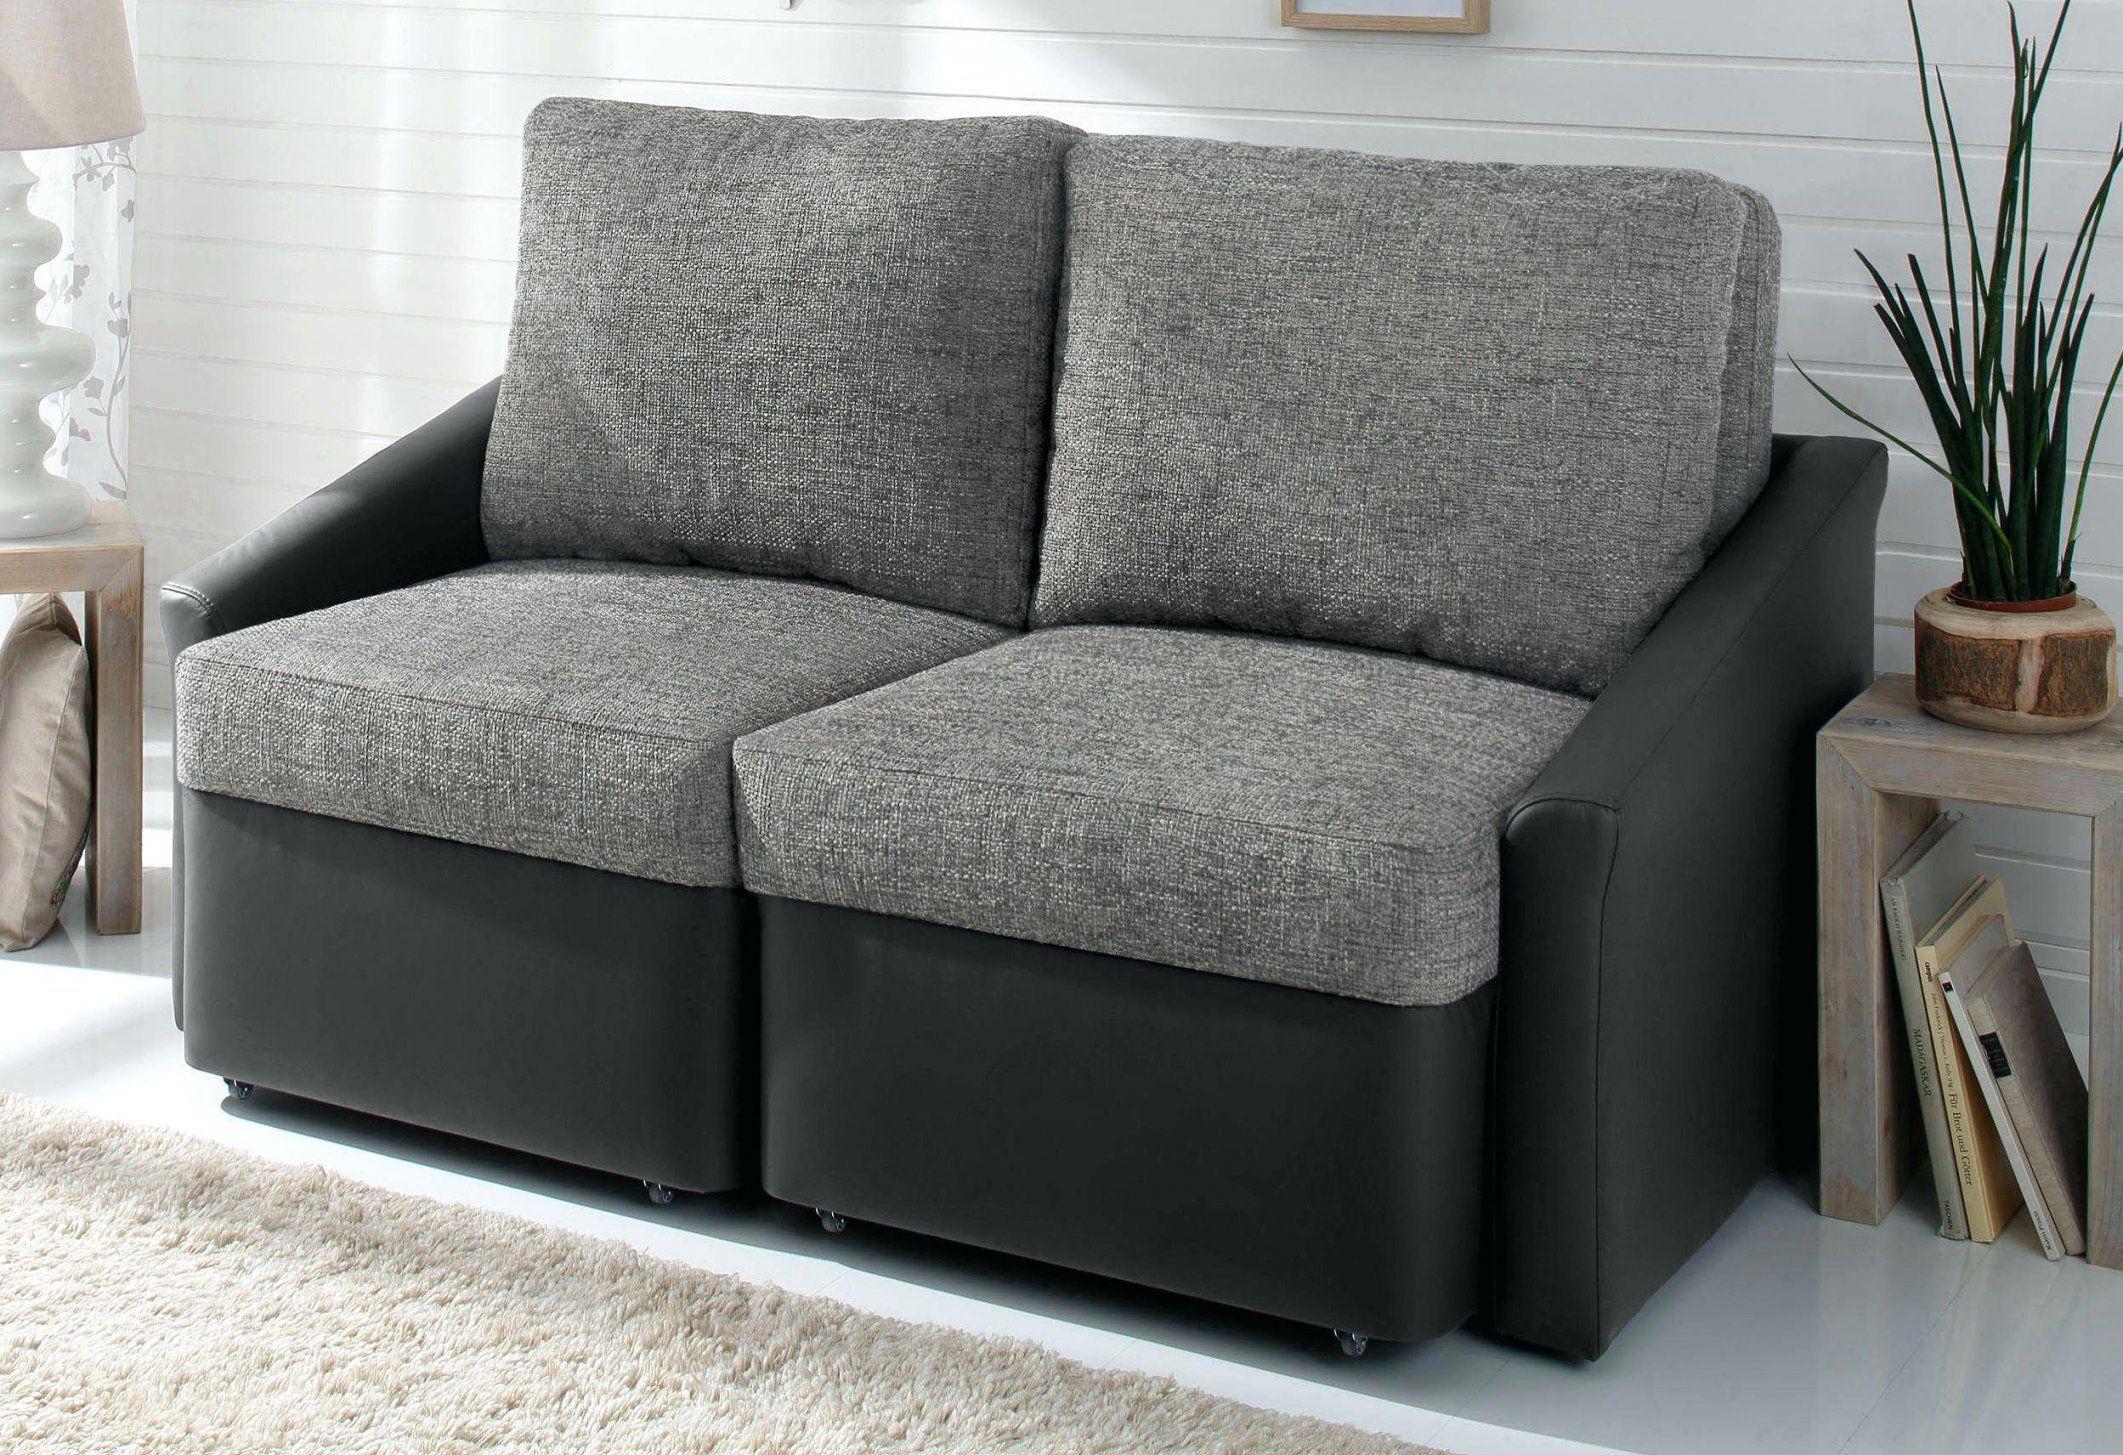 3 Sitzer Sofa Poco Sofa 2 Sitzer Mit Schlaffunktion Von 2 Sitzer Sofa Poco Bild Kunstleder Sofa Big Sofa Mit Schlaffunktion Polsterhocker